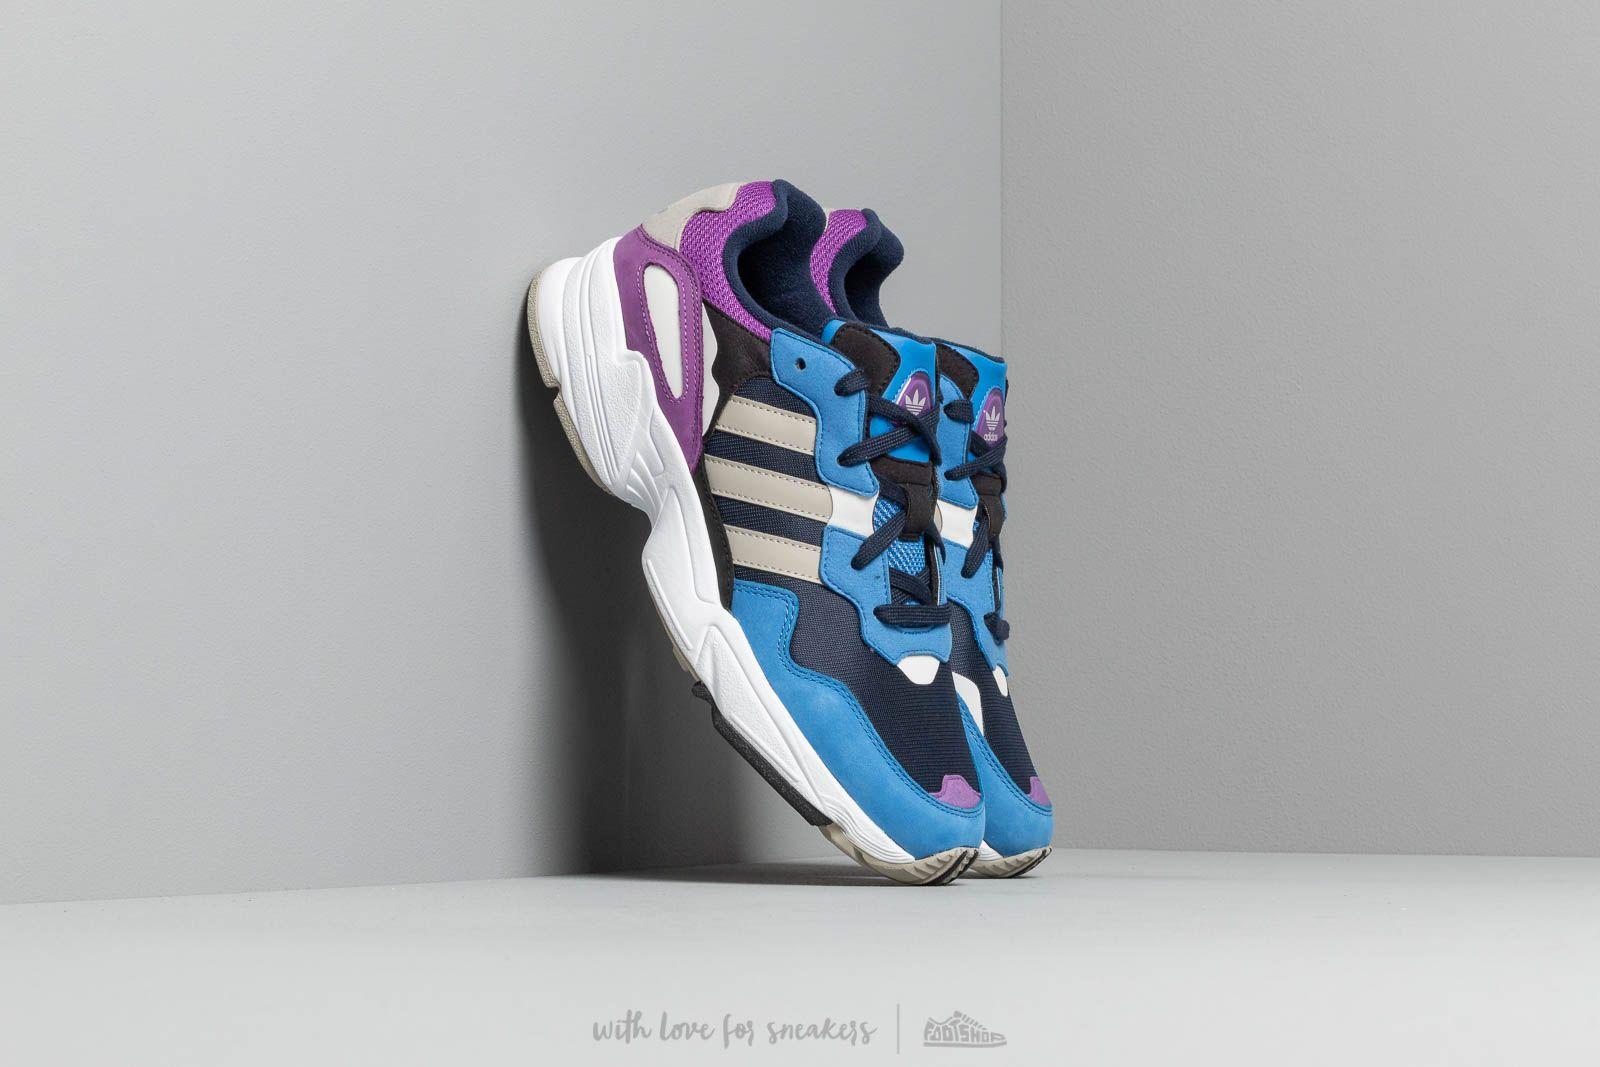 adidas Yung-96 Core Navy/ Sesame/ Trublu za skvelú cenu 84 € kúpite na Footshop.sk